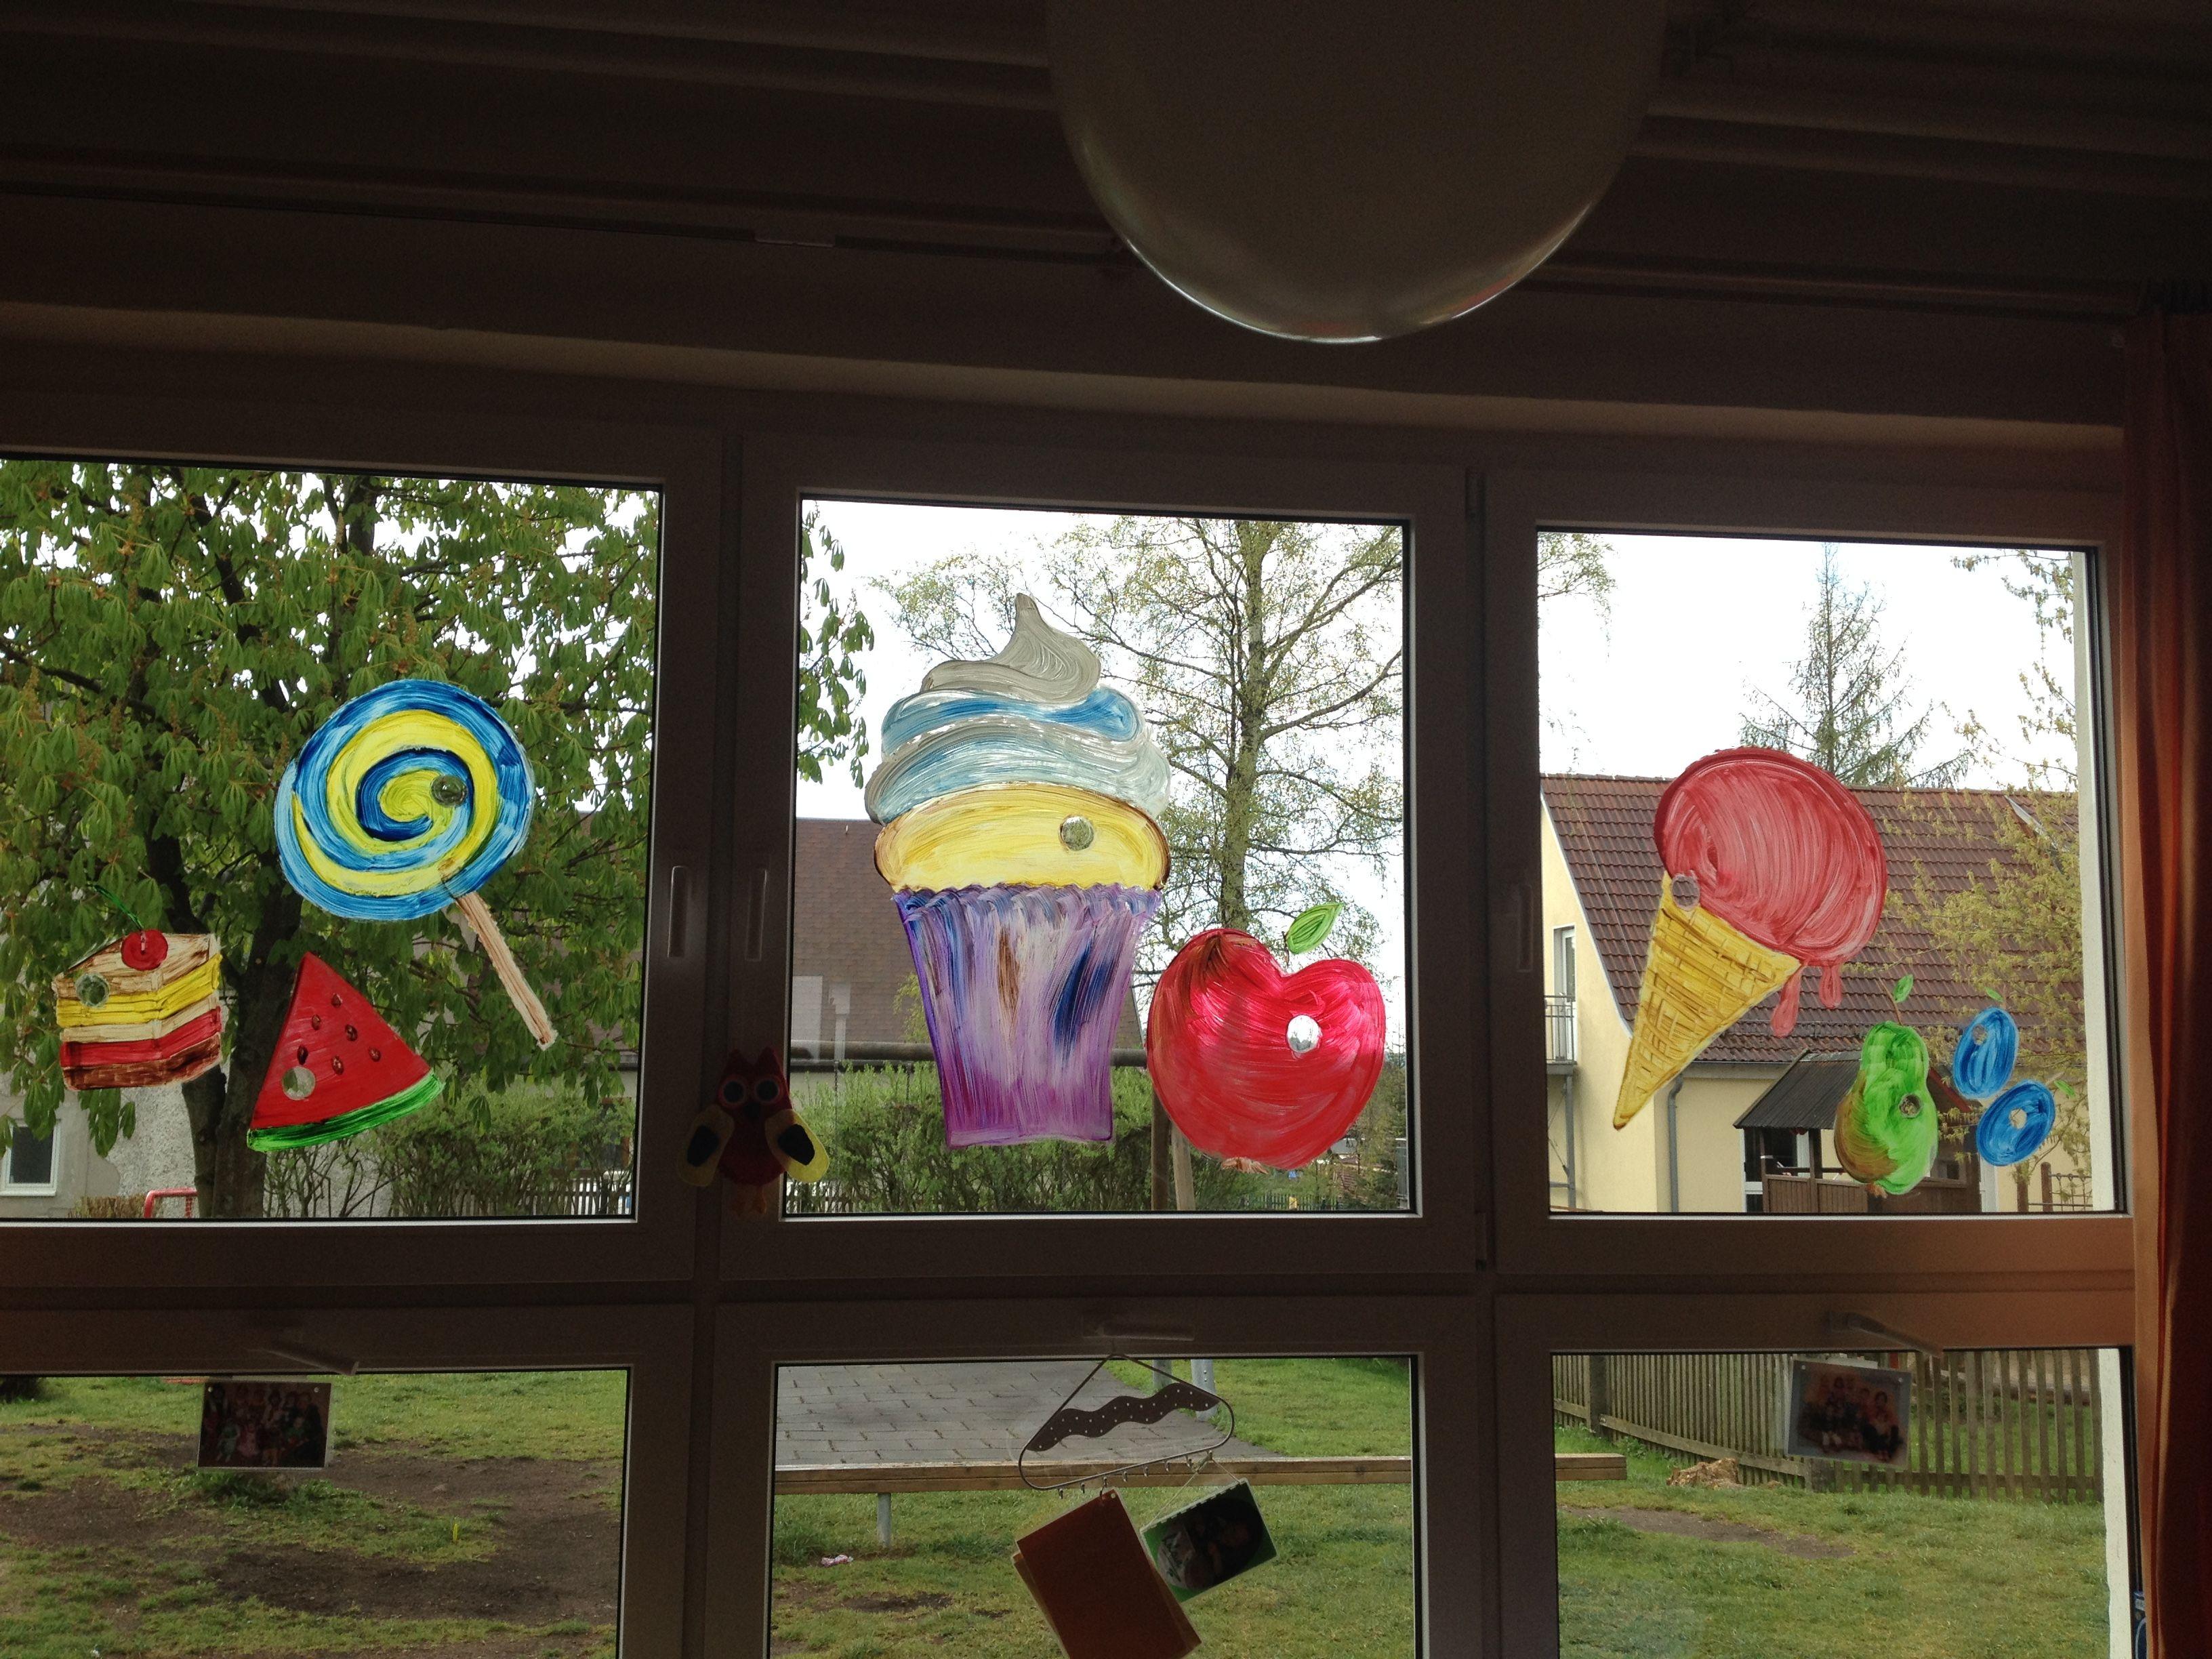 Fenstergestaltung zum projekt raupe nimmersatt - Raupe basteln kindergarten ...